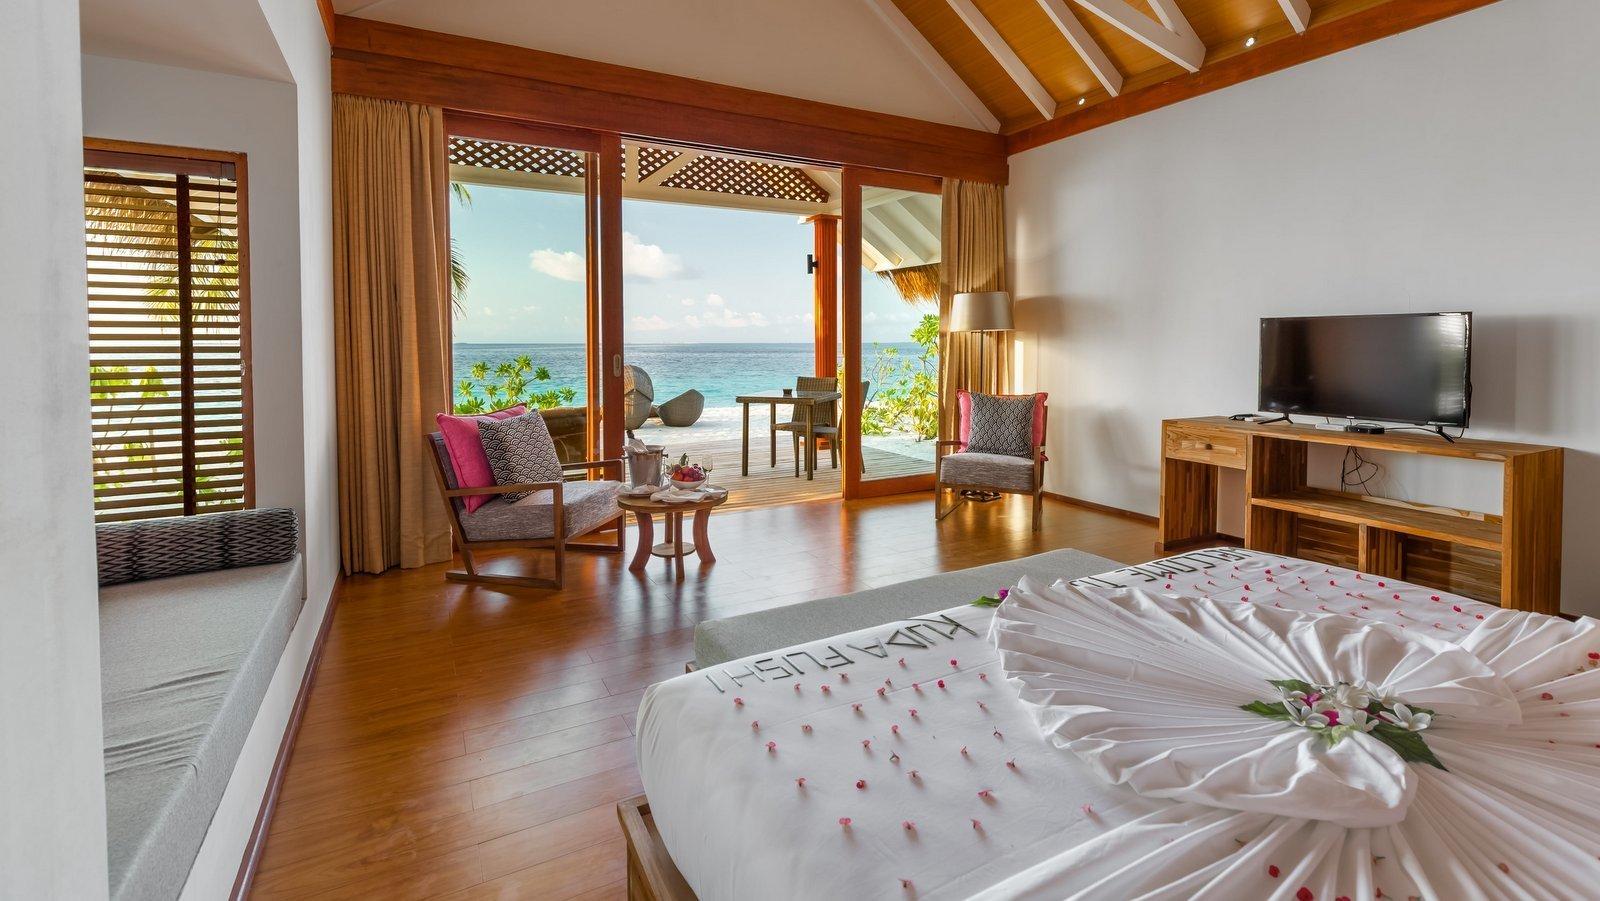 Мальдивы, отель Kudafushi Resort, номер Beach Villa